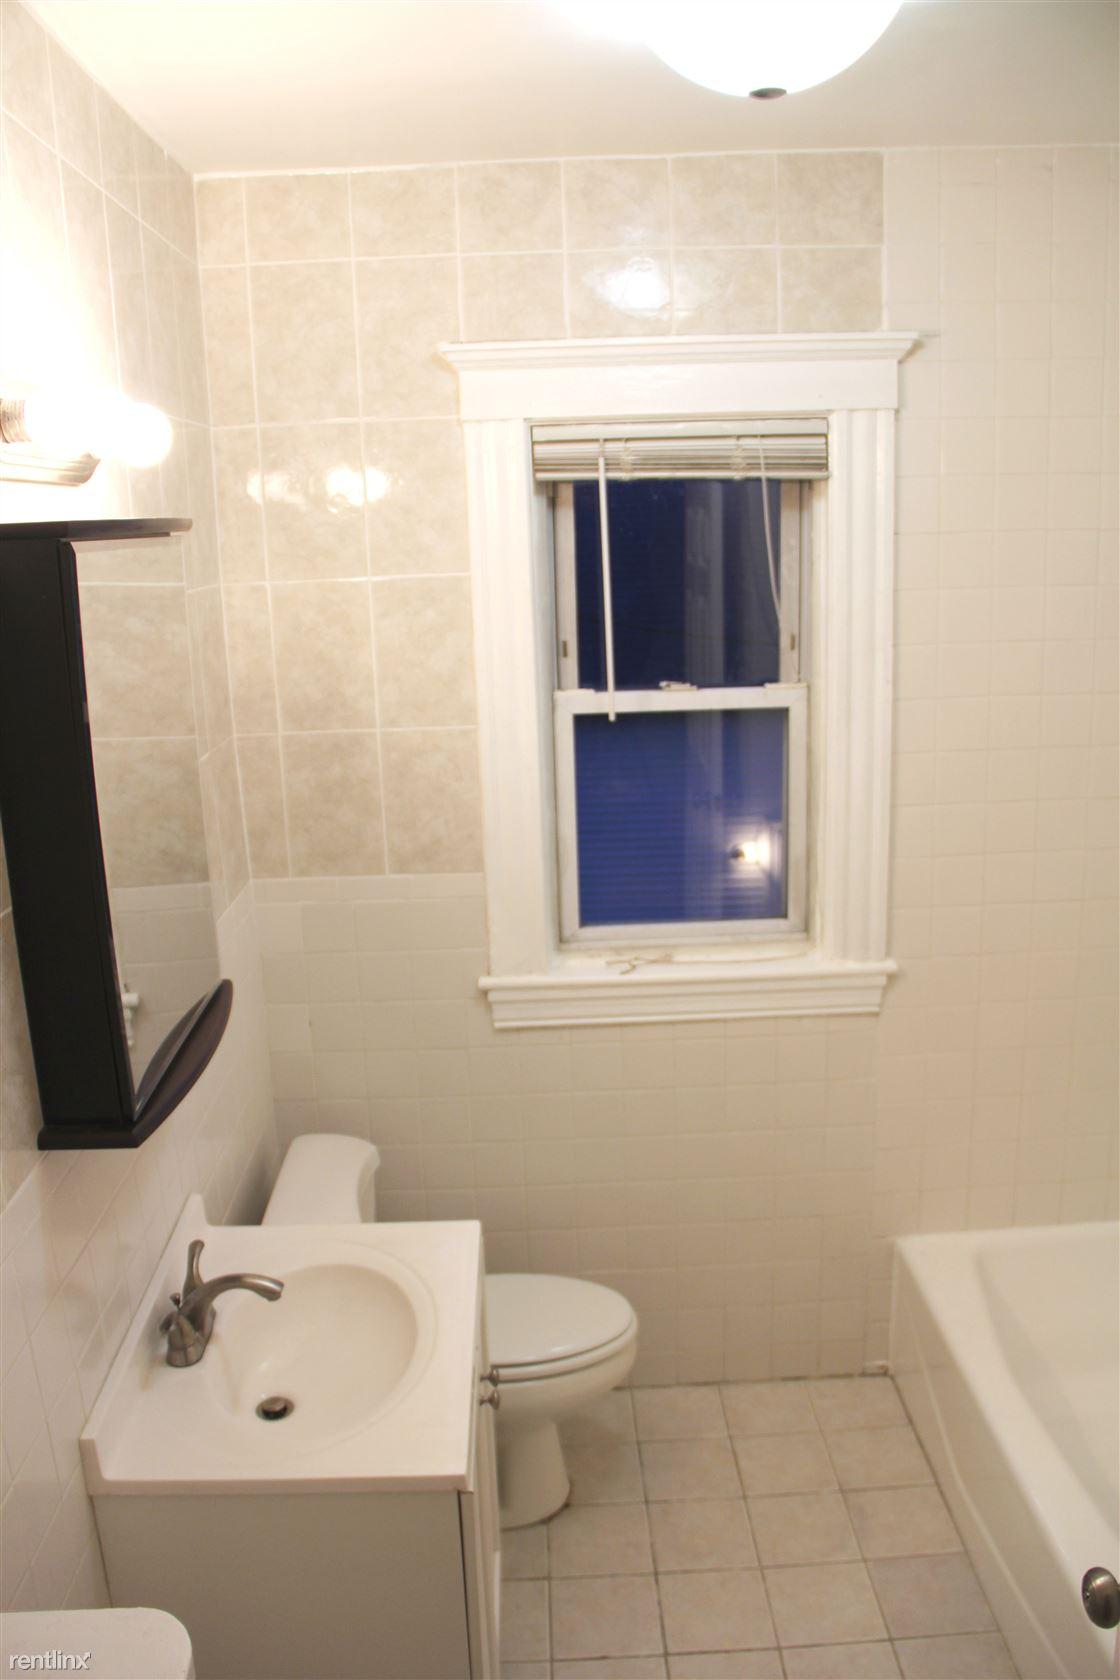 248 bathroom